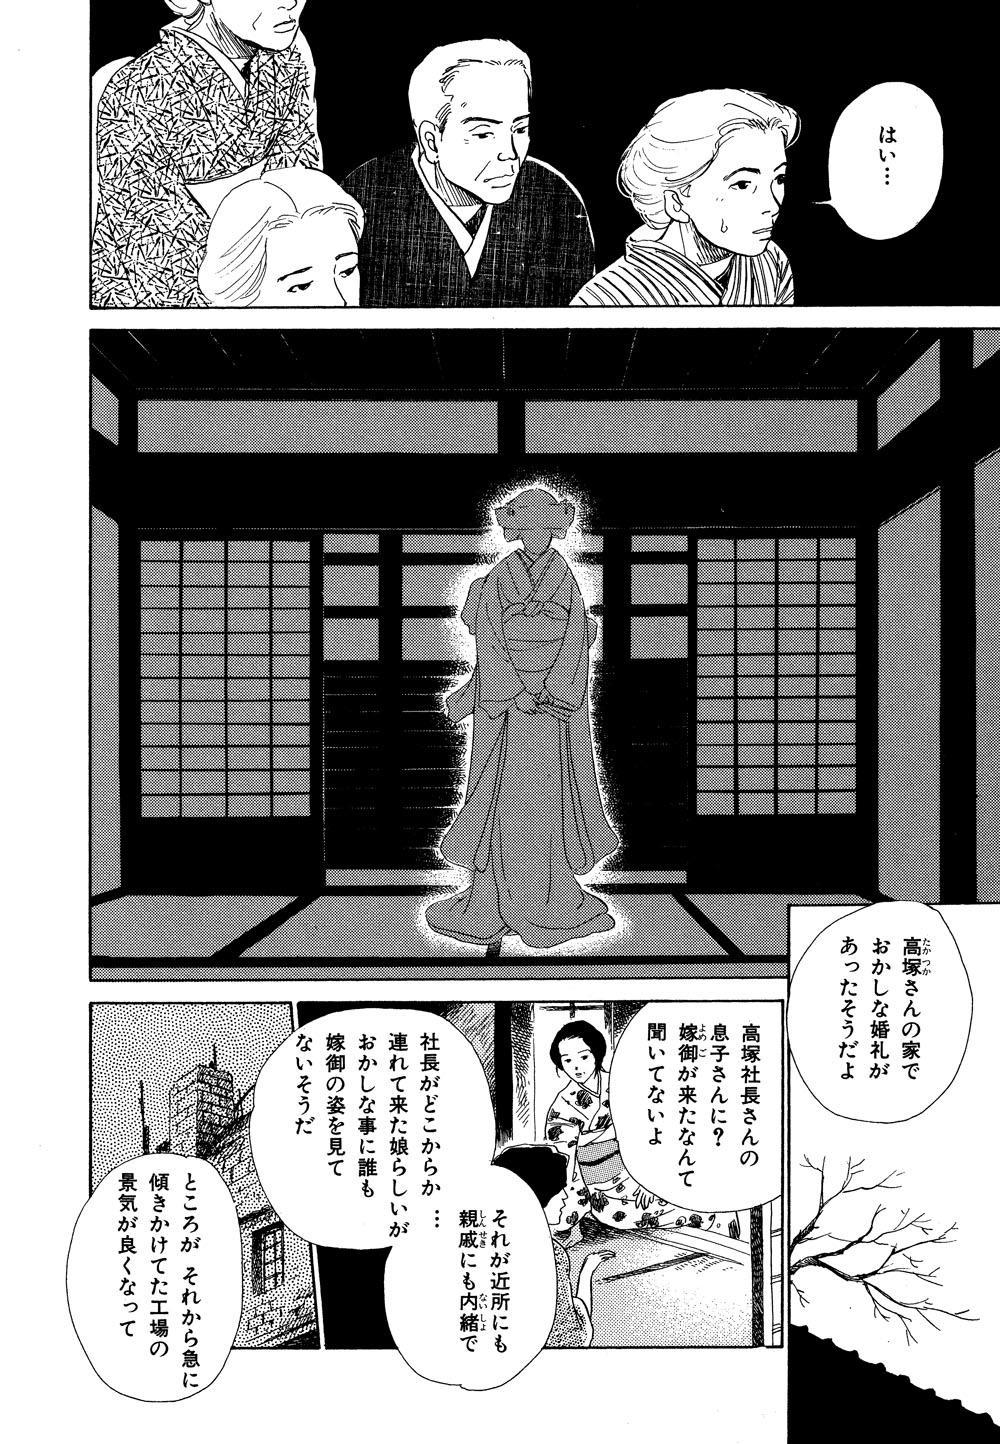 百鬼夜行抄_03_0060.jpg